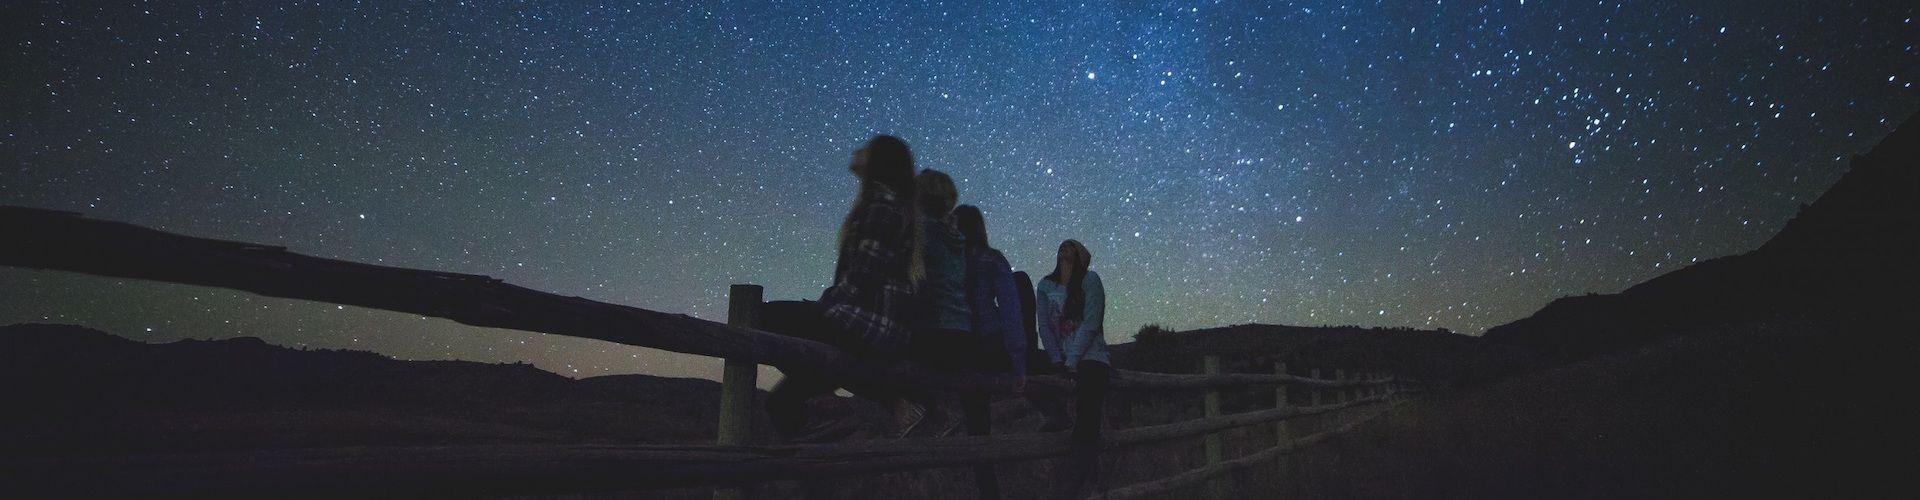 sterren kijken overnachting